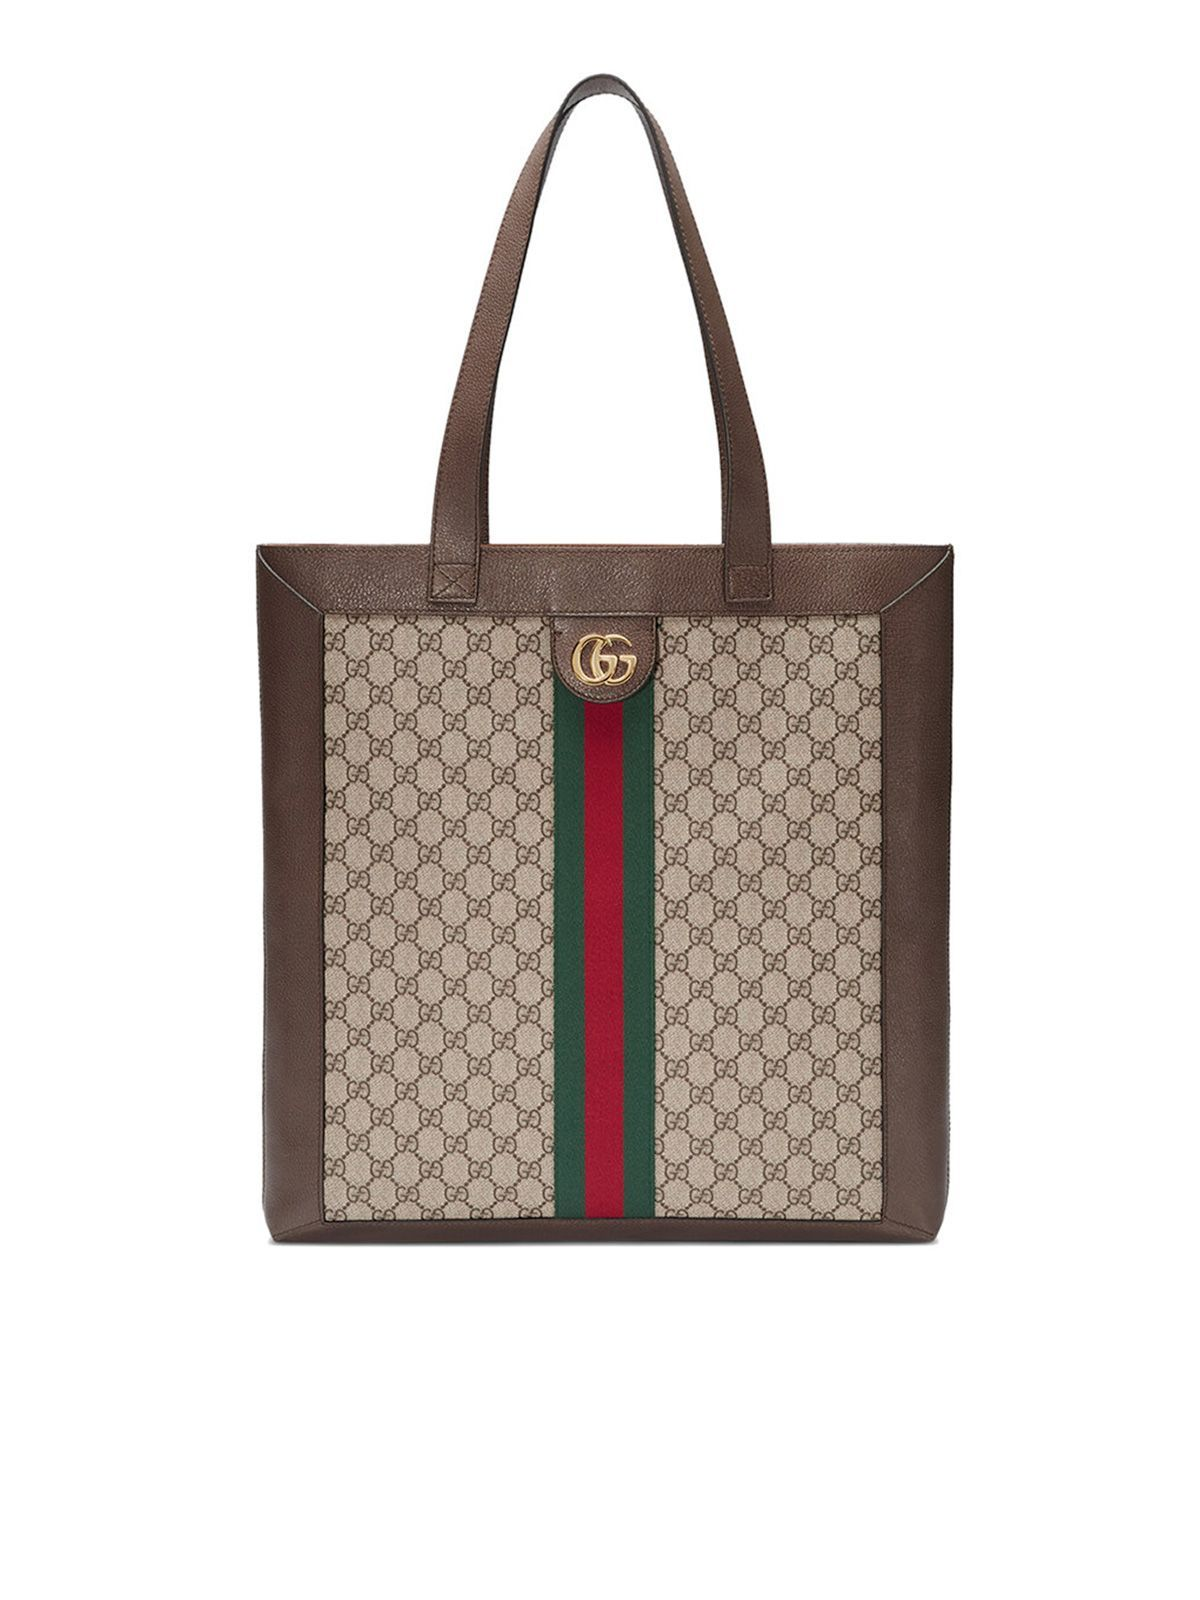 0abc98480cd GUCCI BORSA TOTE. #gucci #bags #hand bags #polyester #tote   Gucci ...